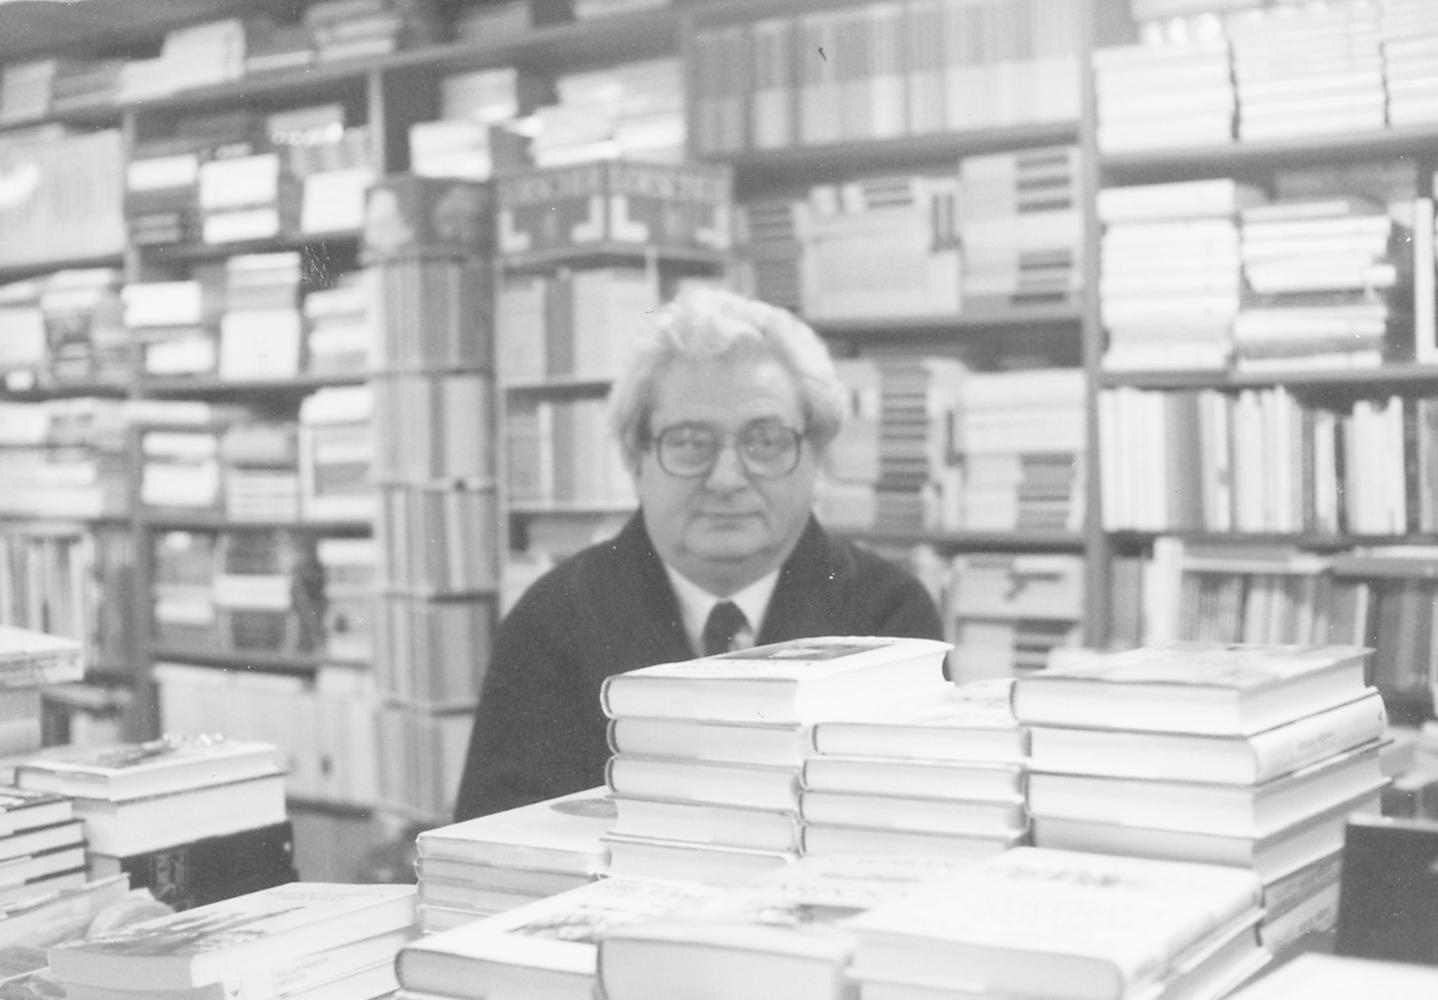 Una confraternita in libreria